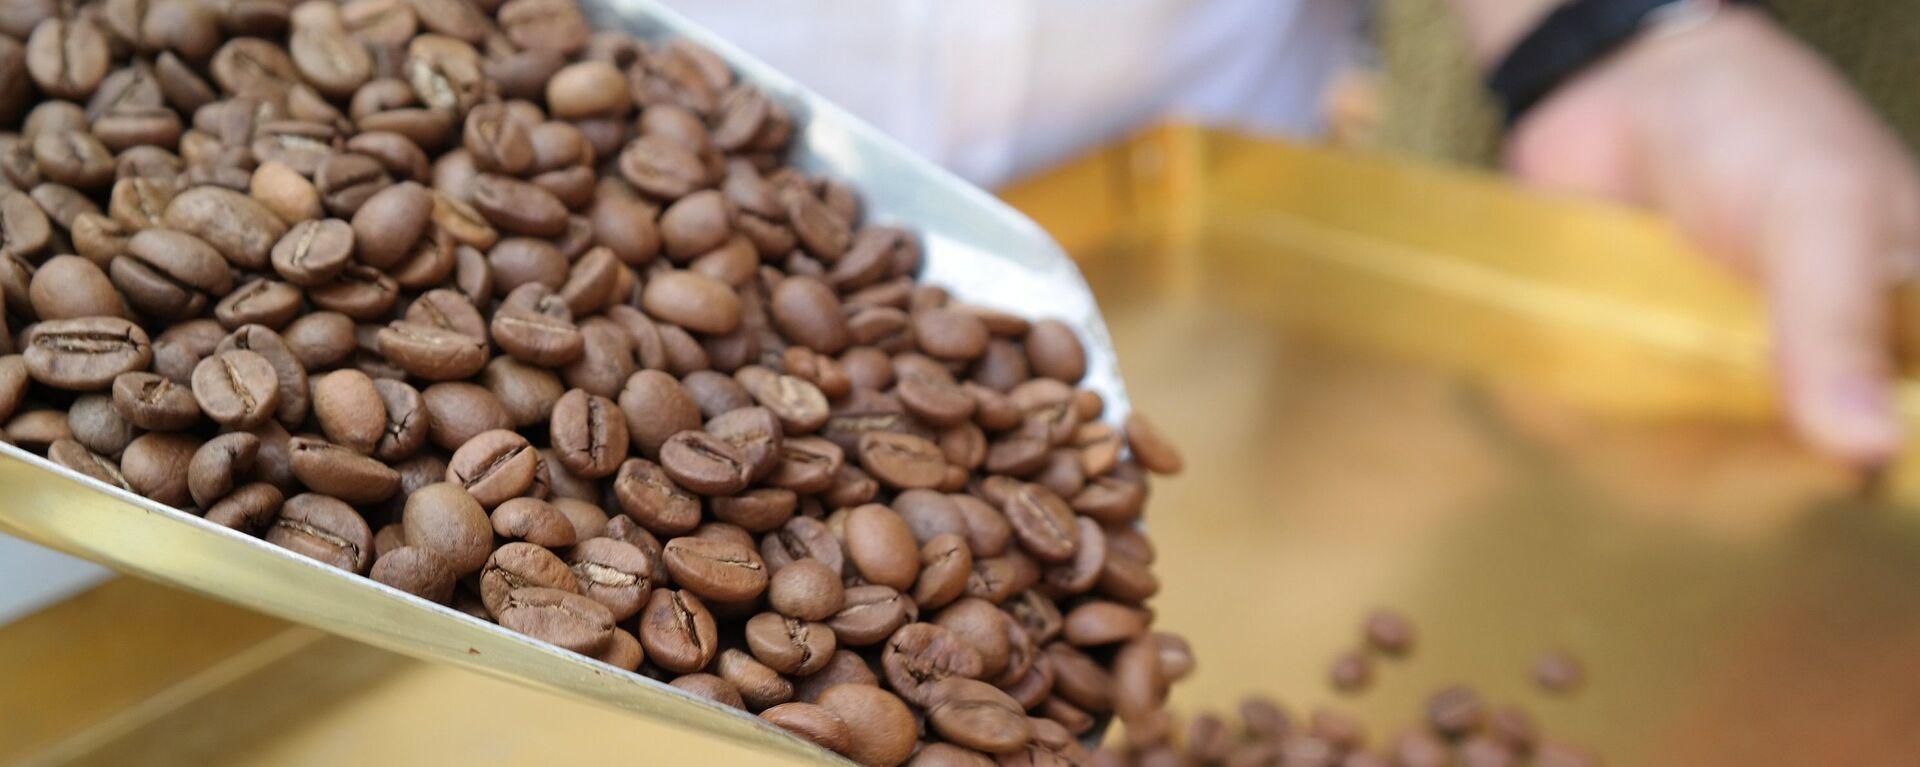 Kahvenin fiyatı bir ay içerisinde yüzde 100 arttı - Sputnik Türkiye, 1920, 07.08.2021